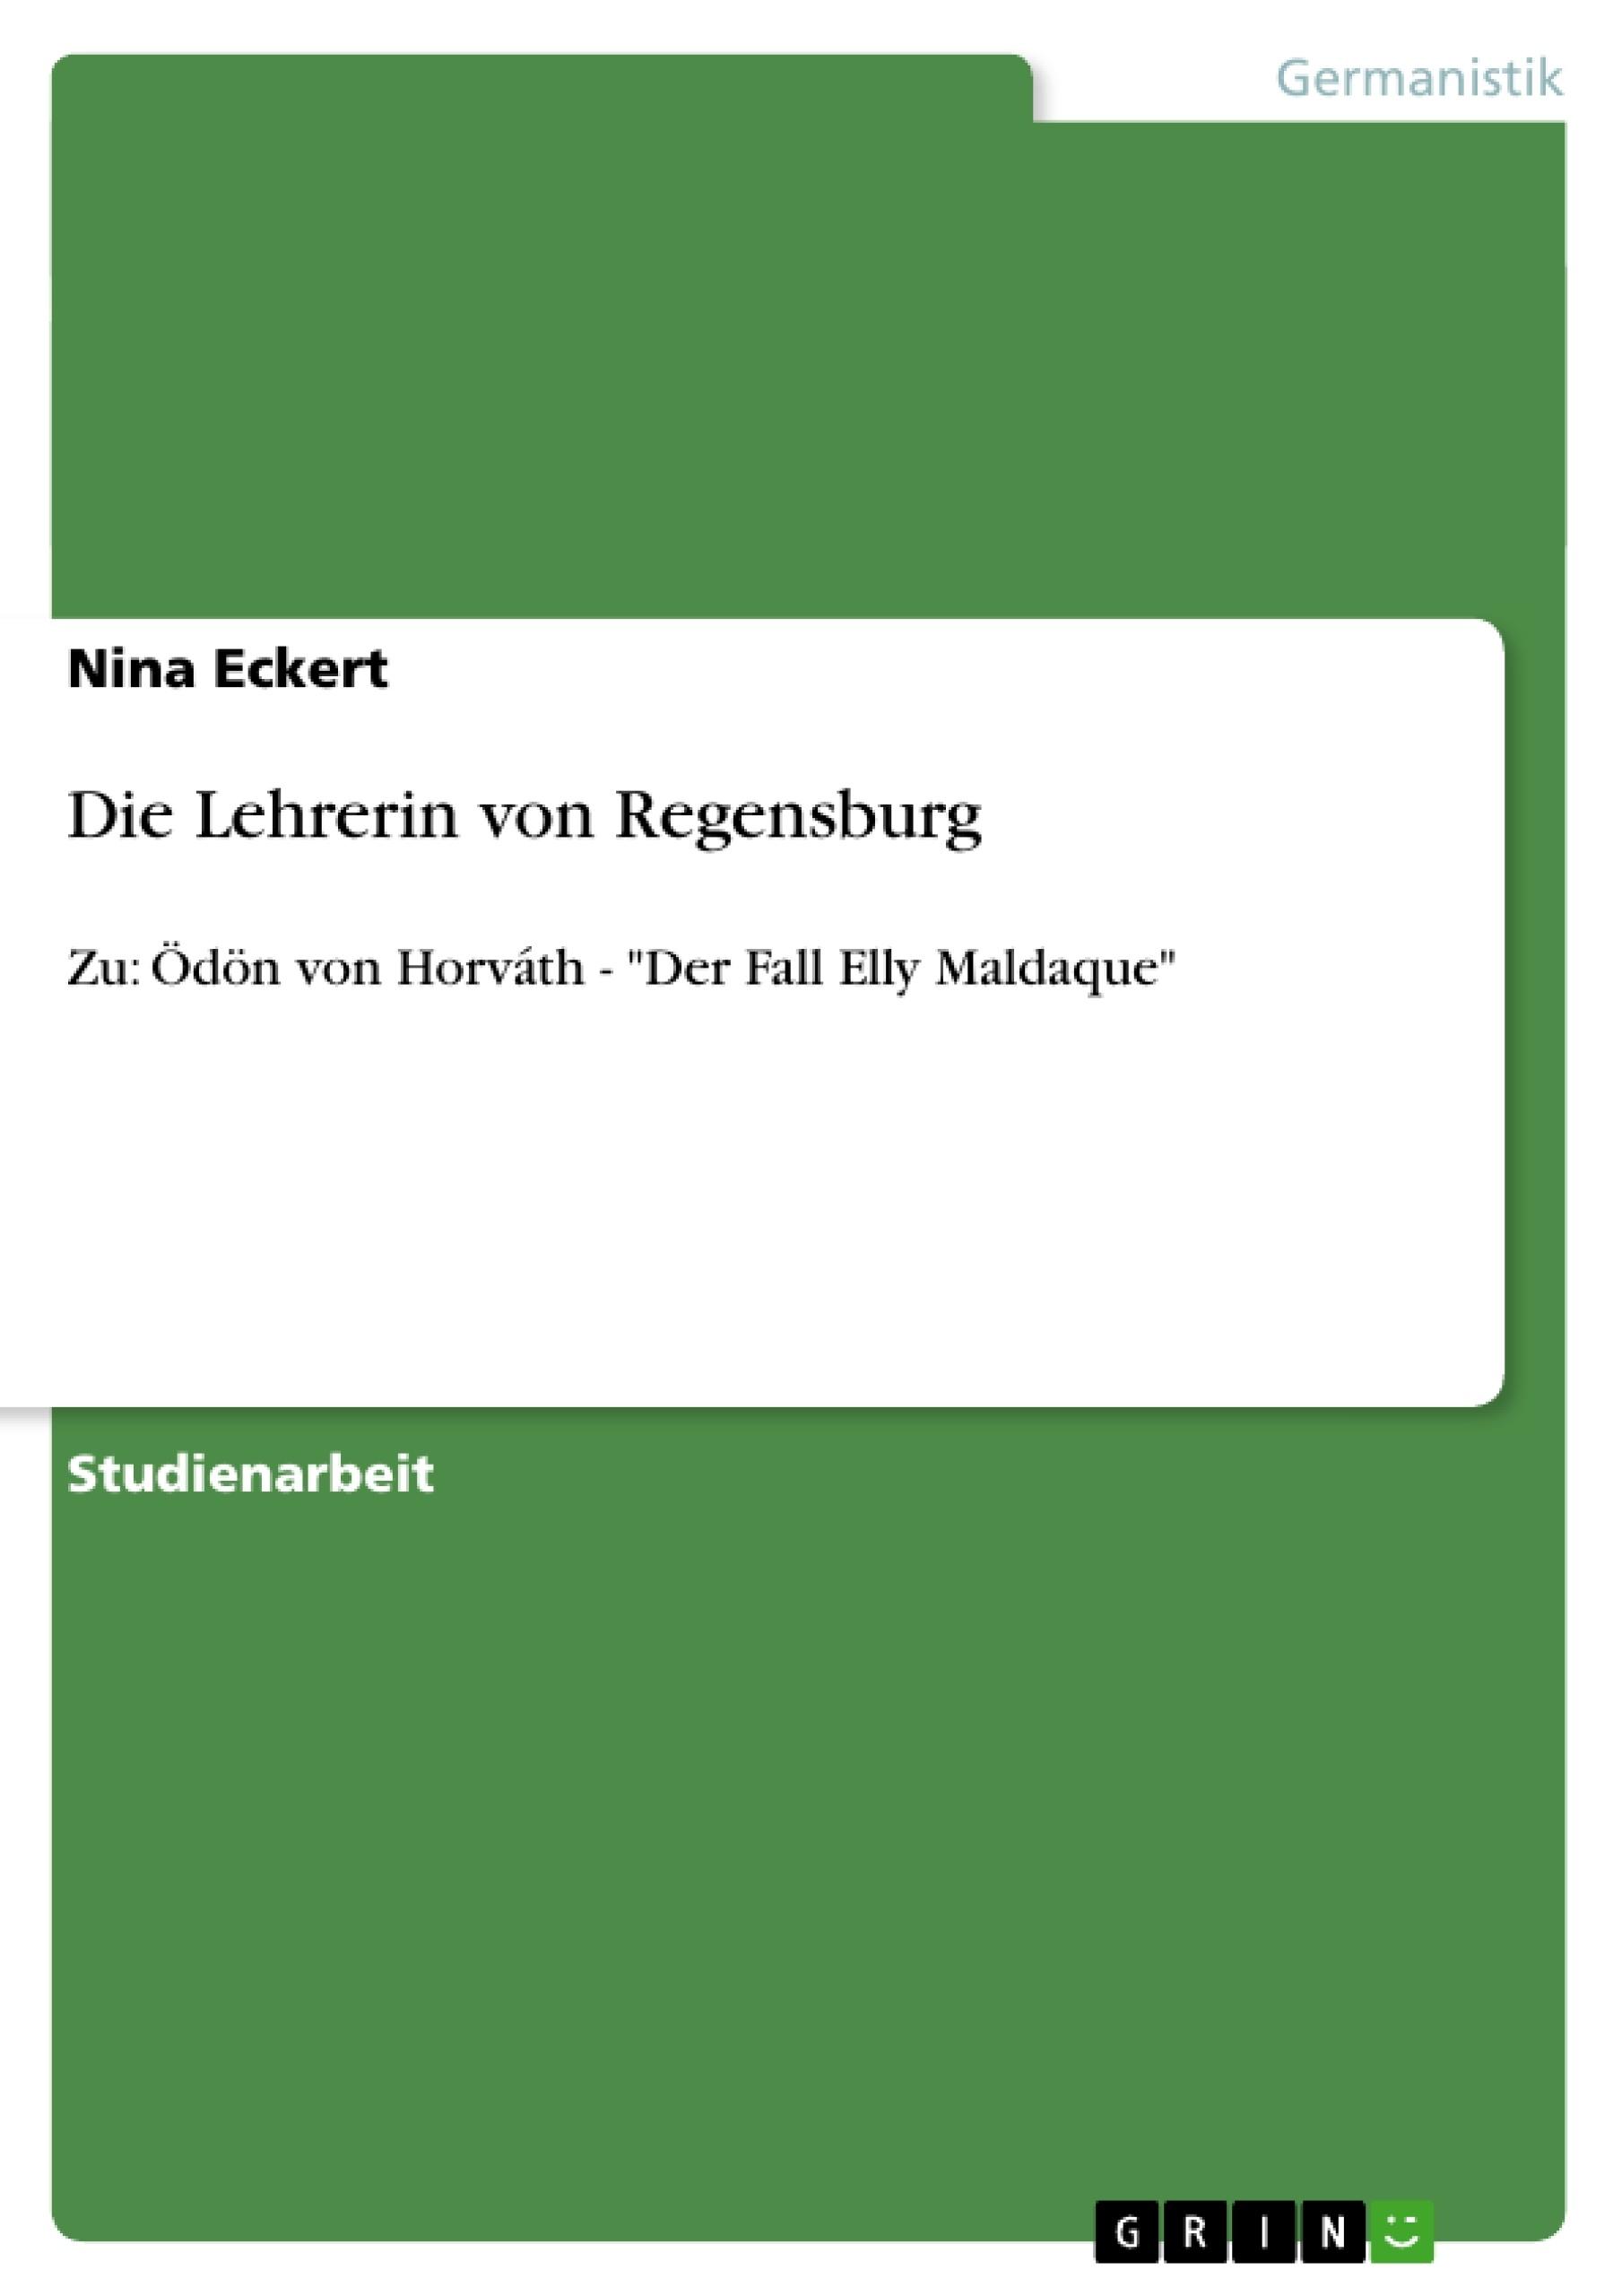 Titel: Die Lehrerin von Regensburg